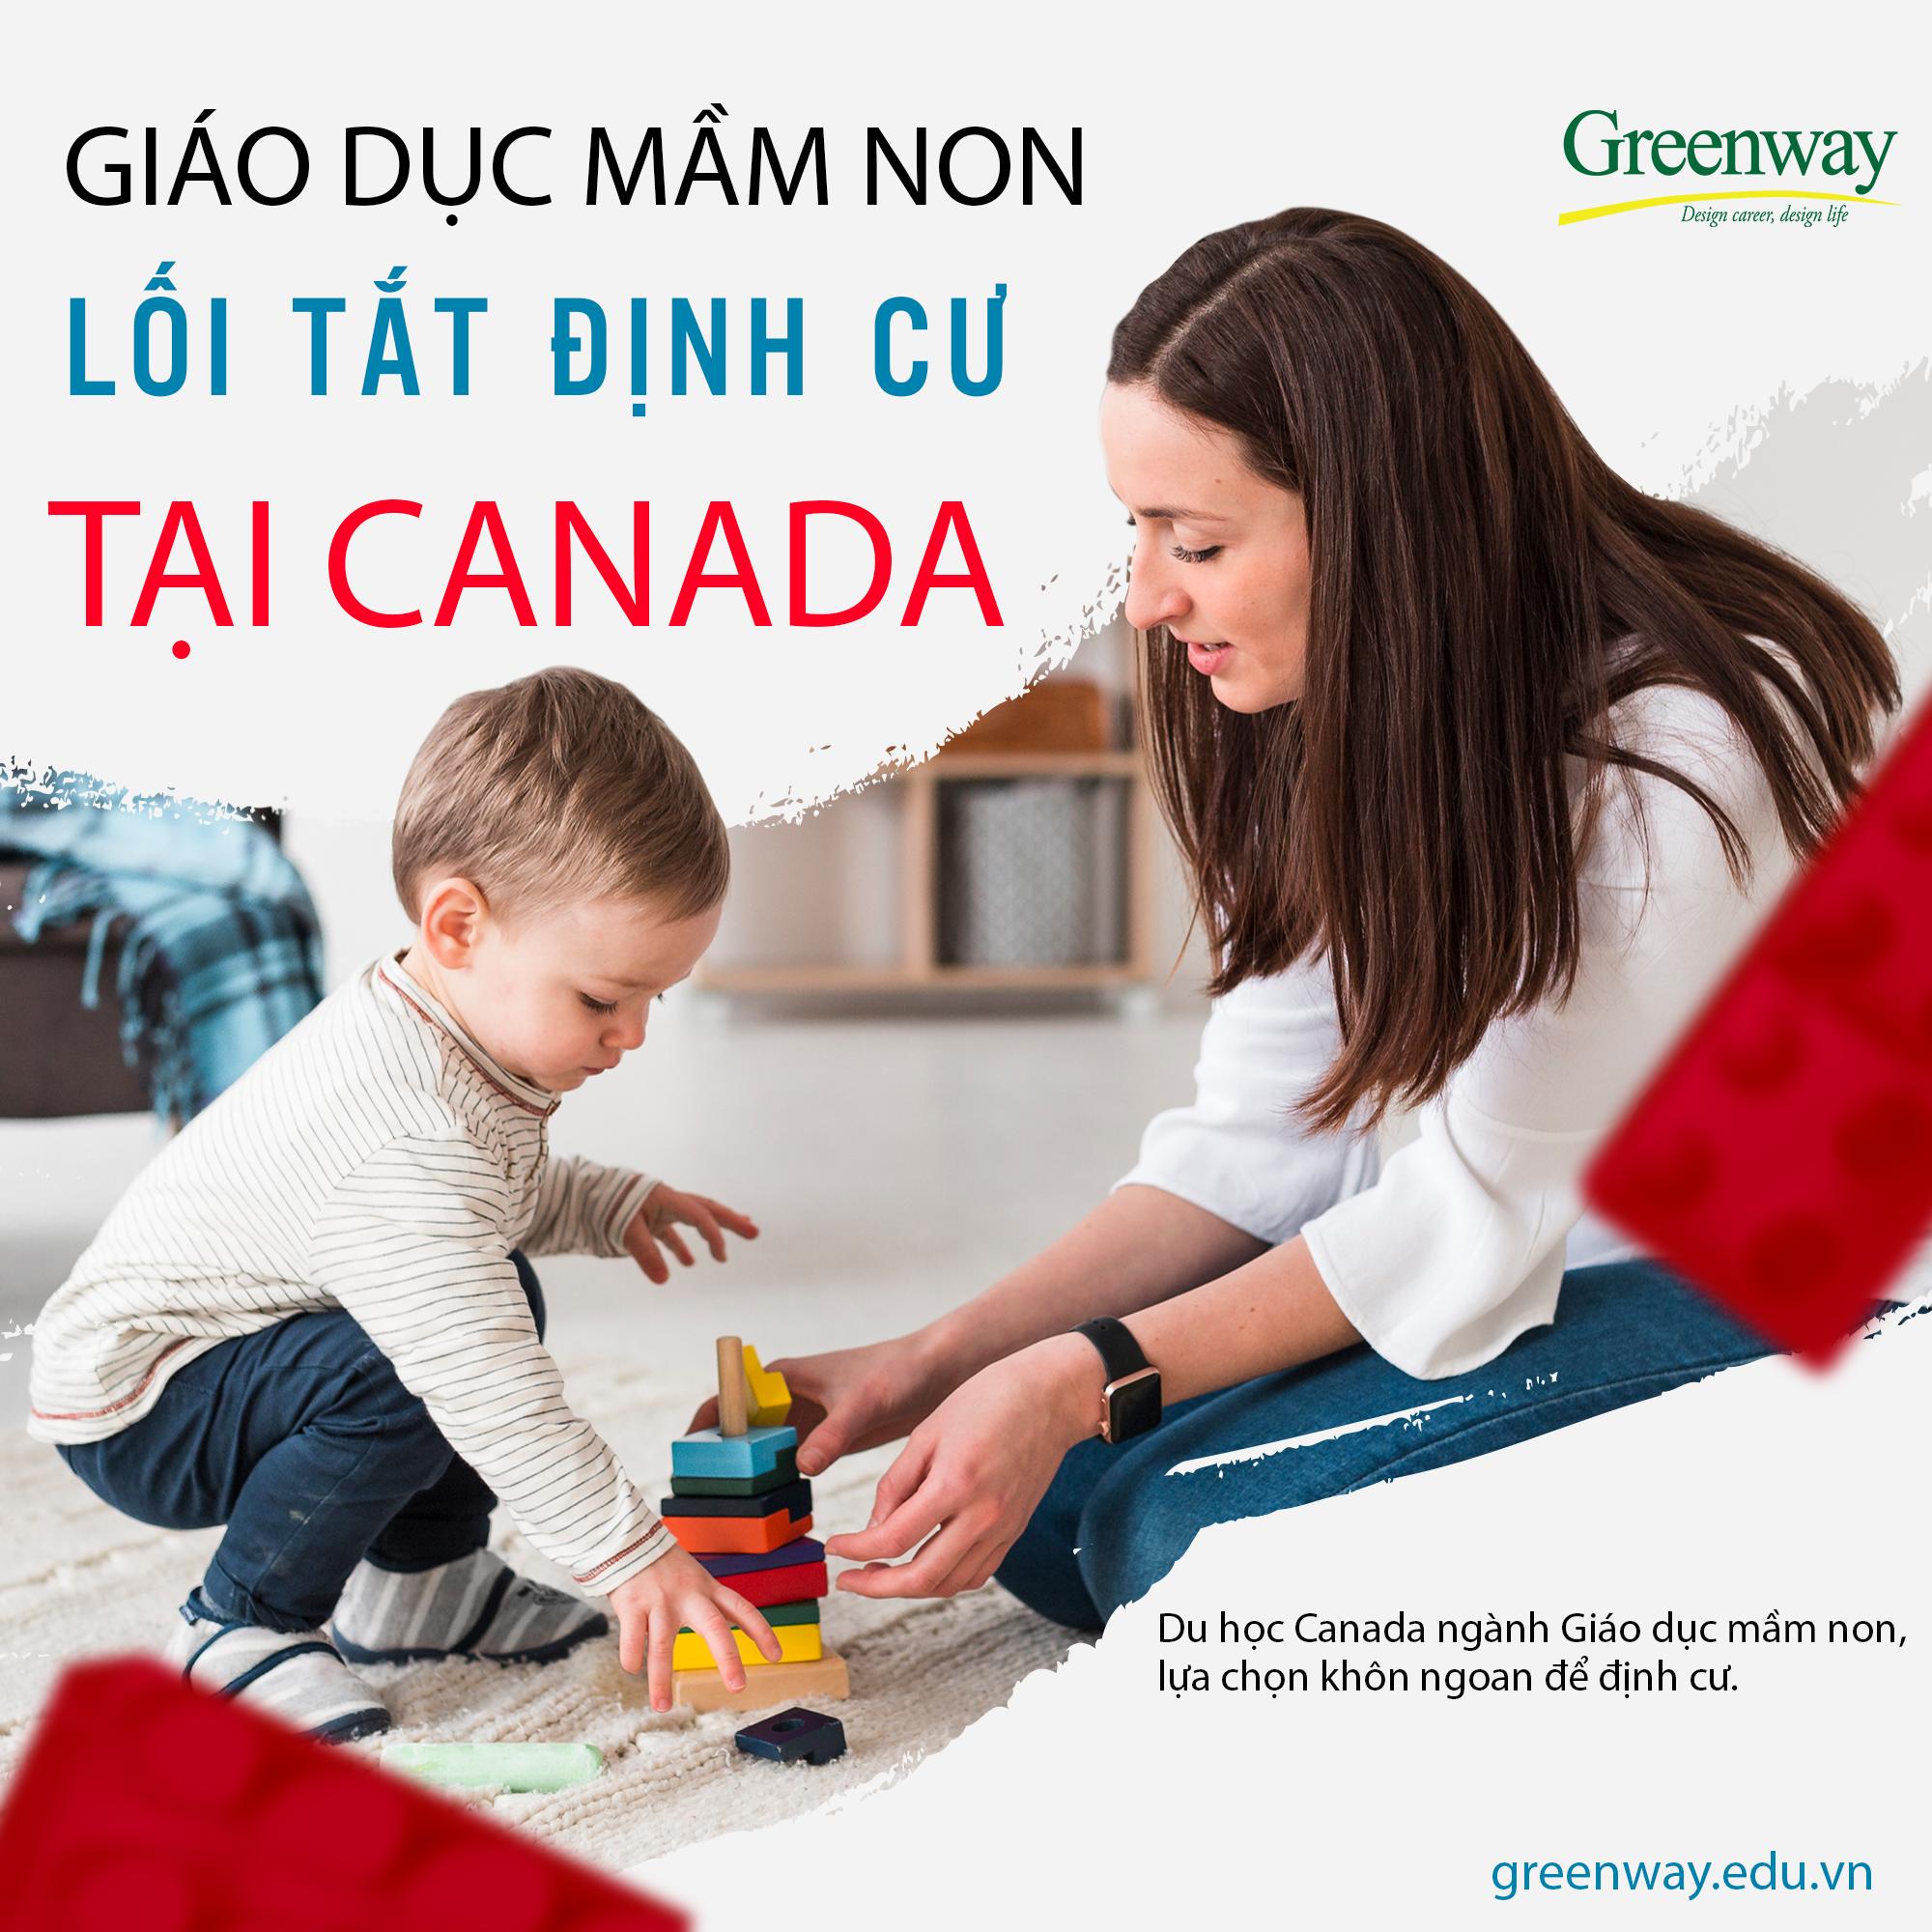 Du học Canada ngành giáo dục mầm non – Lối tắt định cư dài hạn